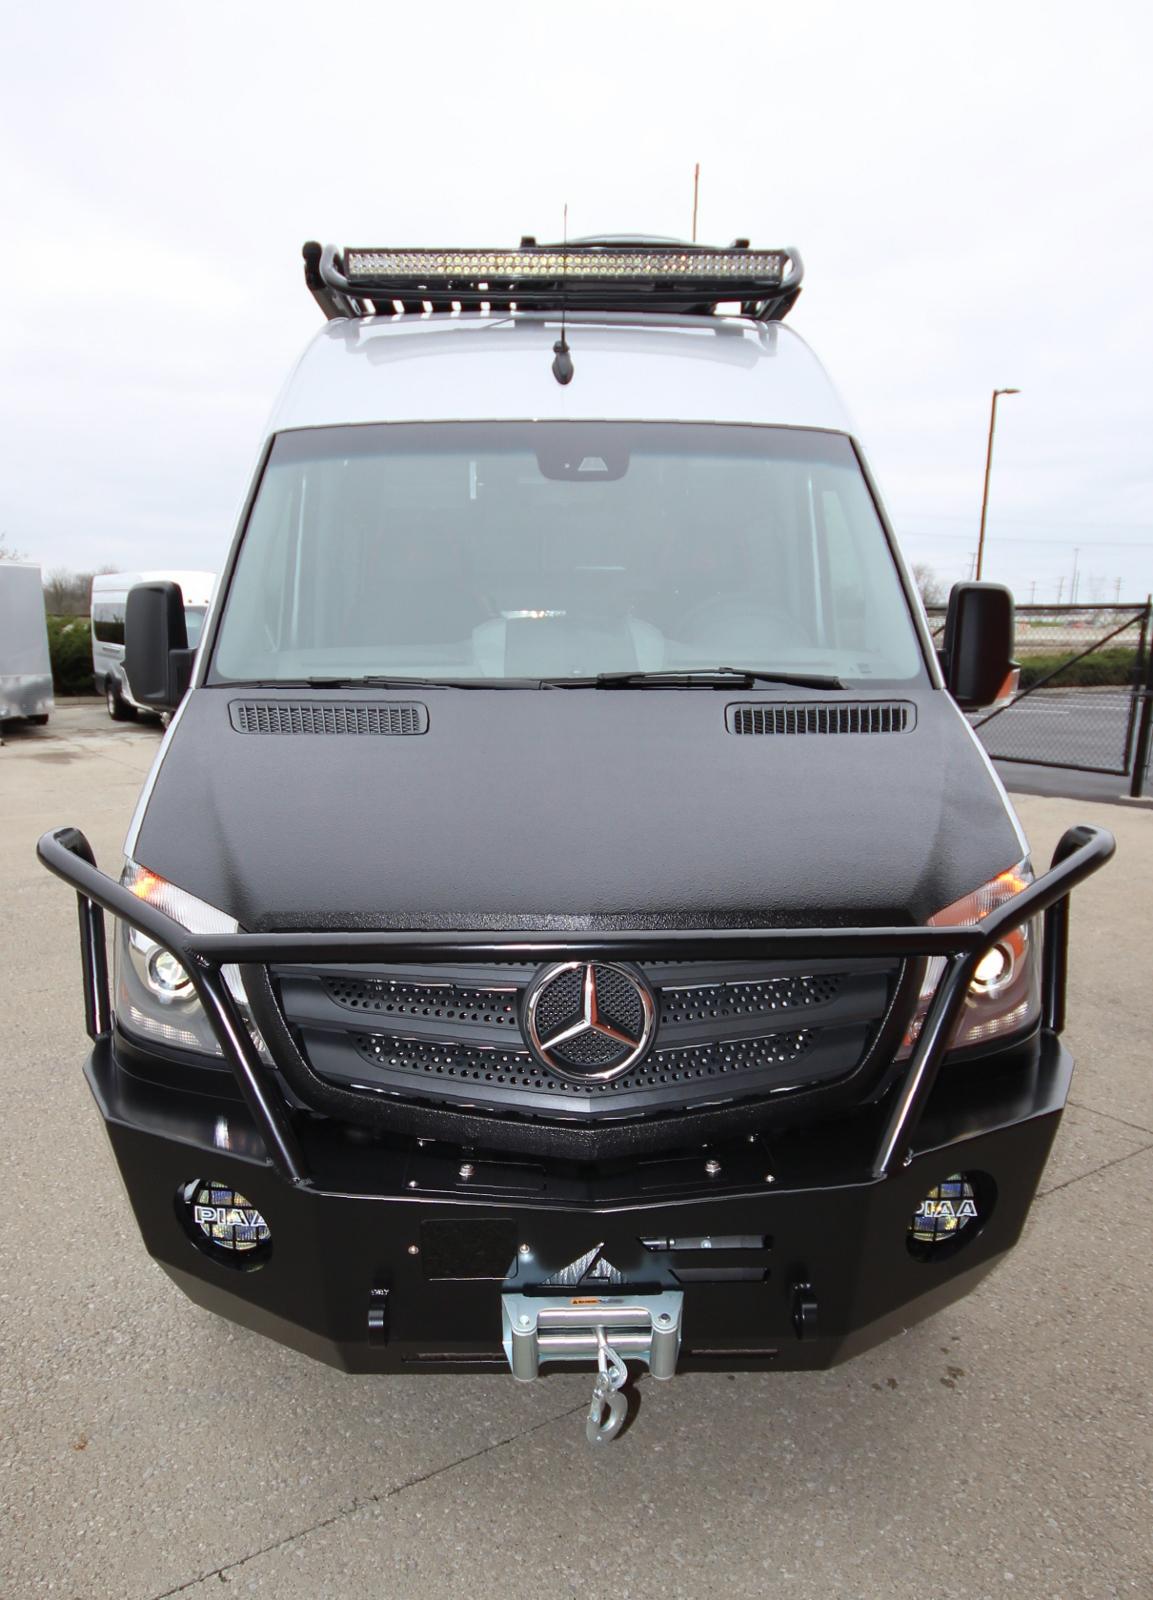 4X4 Van For Sale >> Fully-Loaded Off-Road Sprinter Van